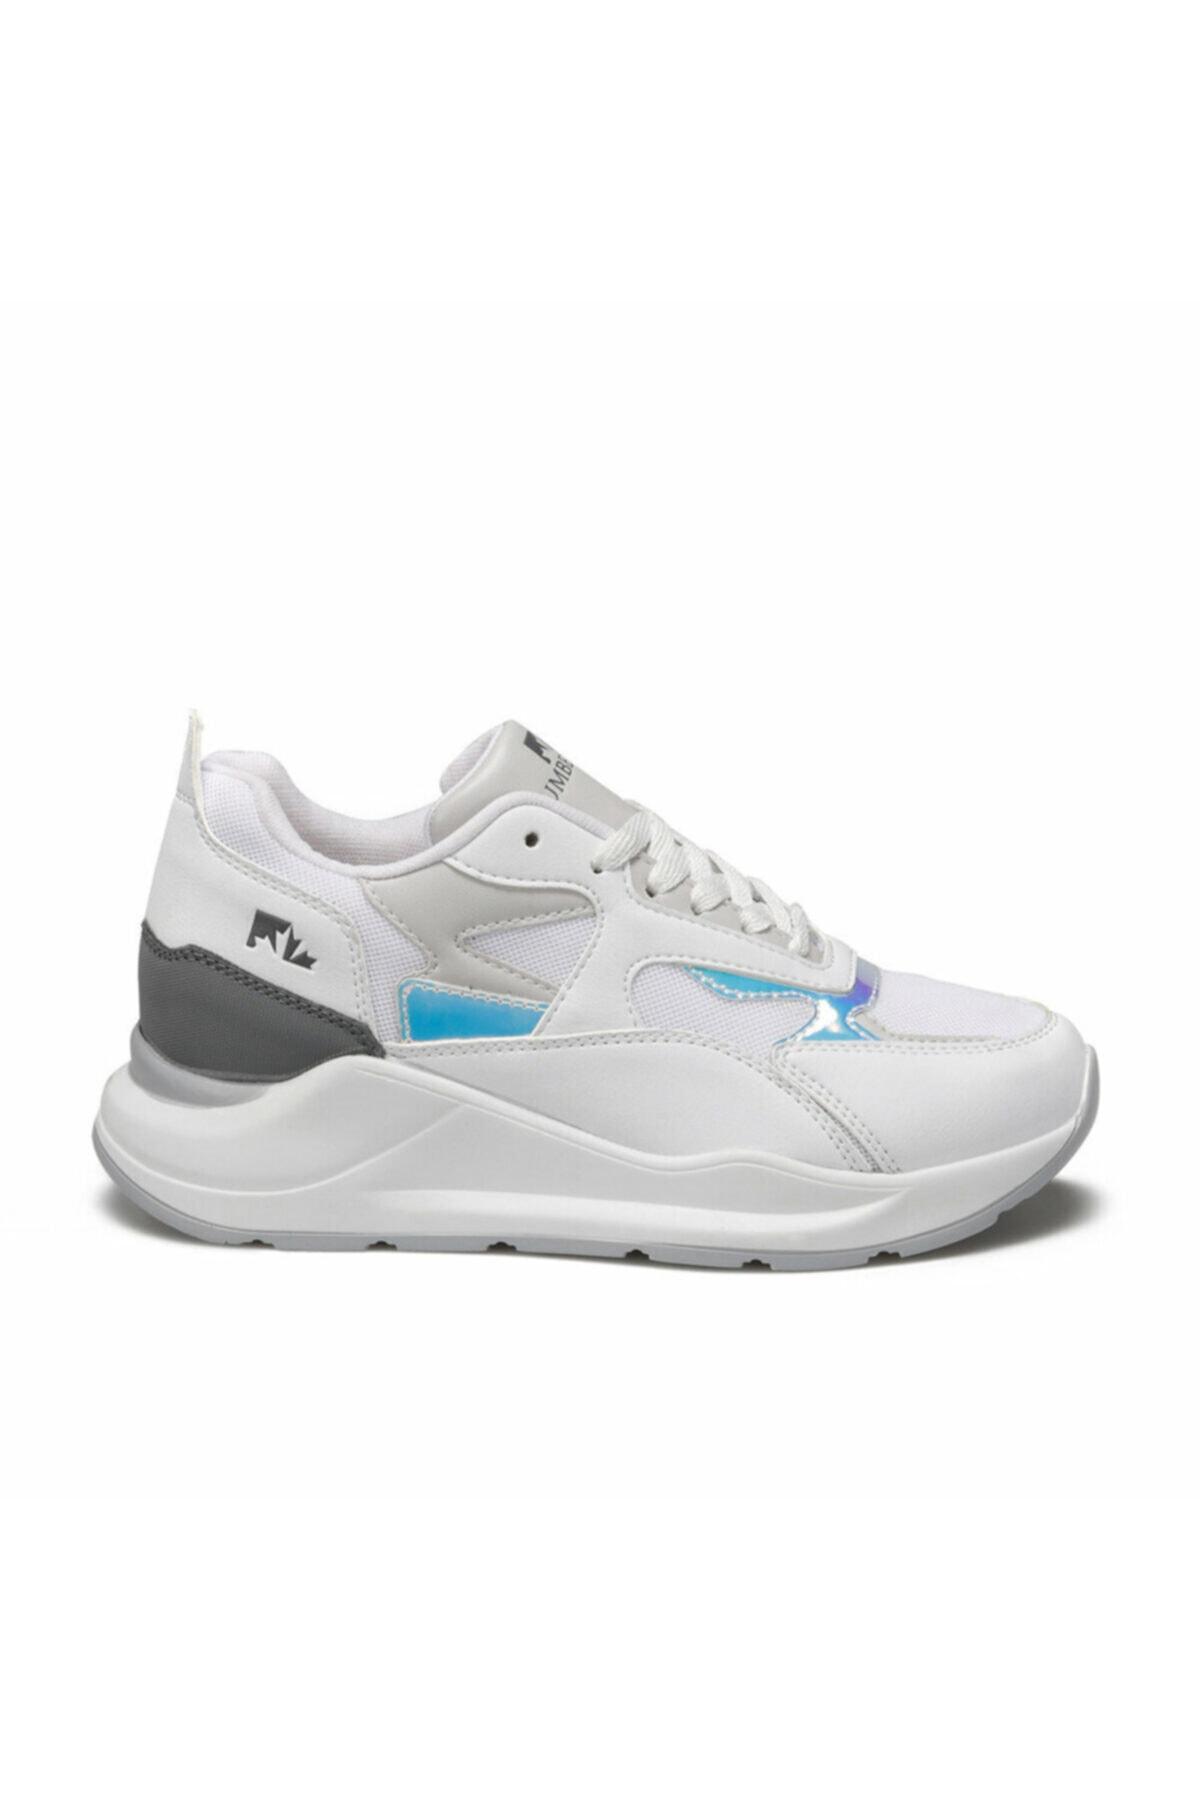 lumberjack NATALIE Beyaz Kadın Sneaker Ayakkabı 100501744 2